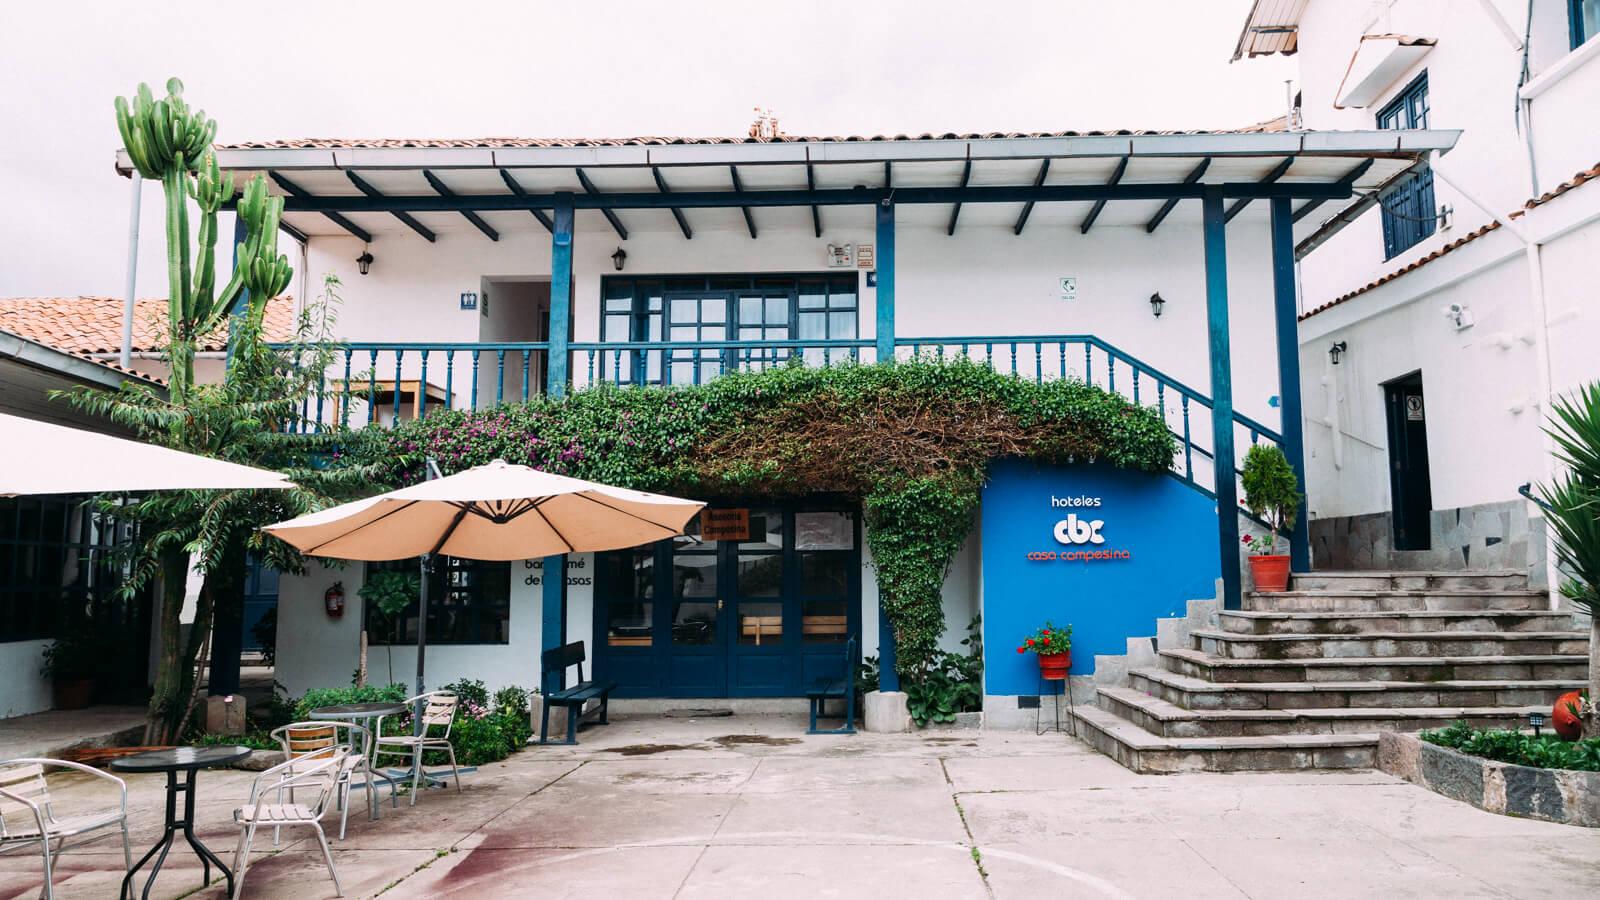 Onde ficar em Cusco - casa campesina